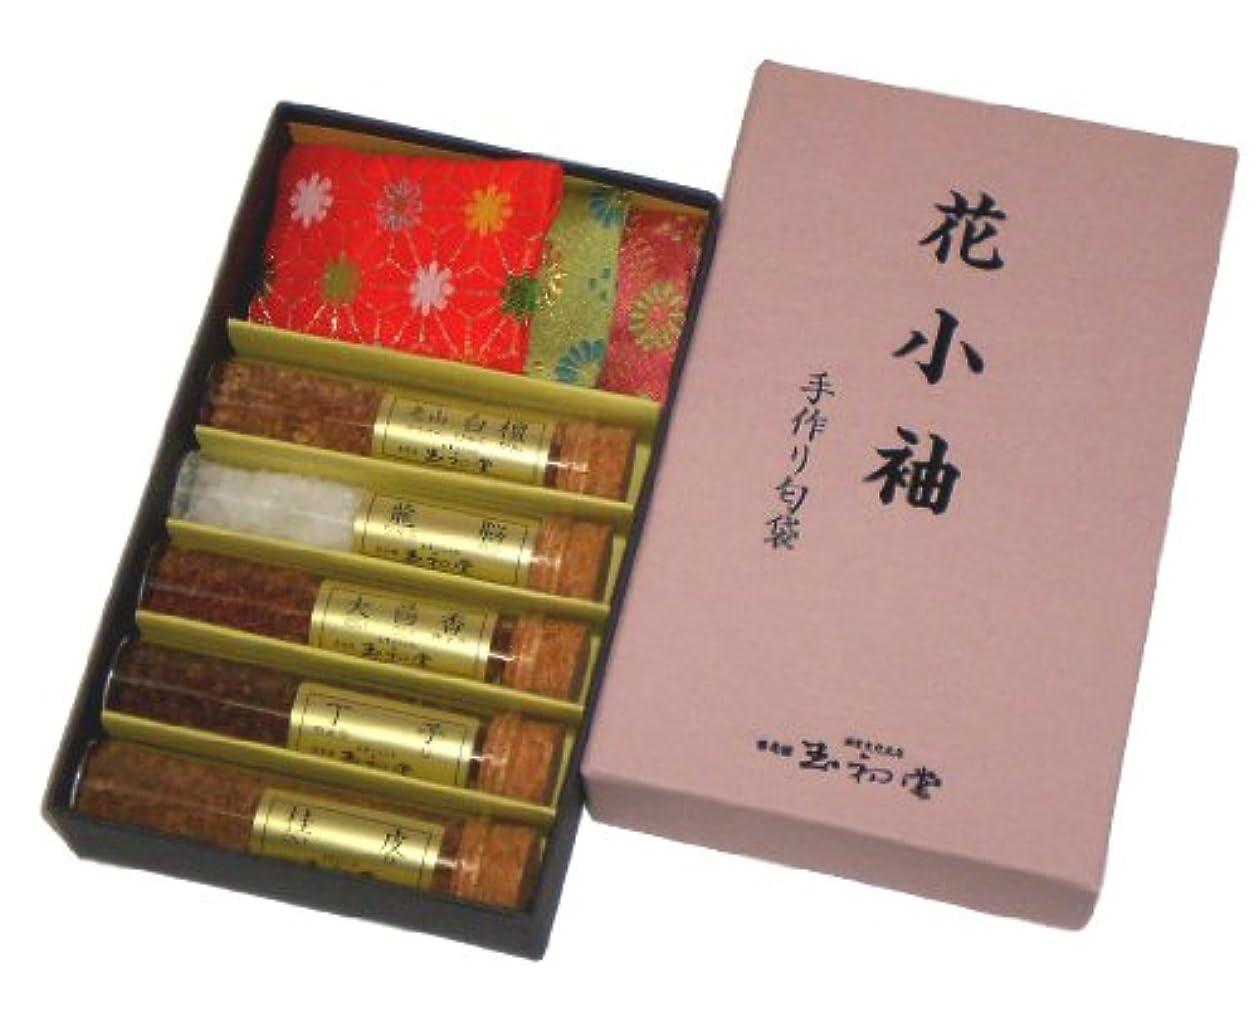 レースお願いします知覚する玉初堂のお香 花小袖 手作り匂袋 #2803